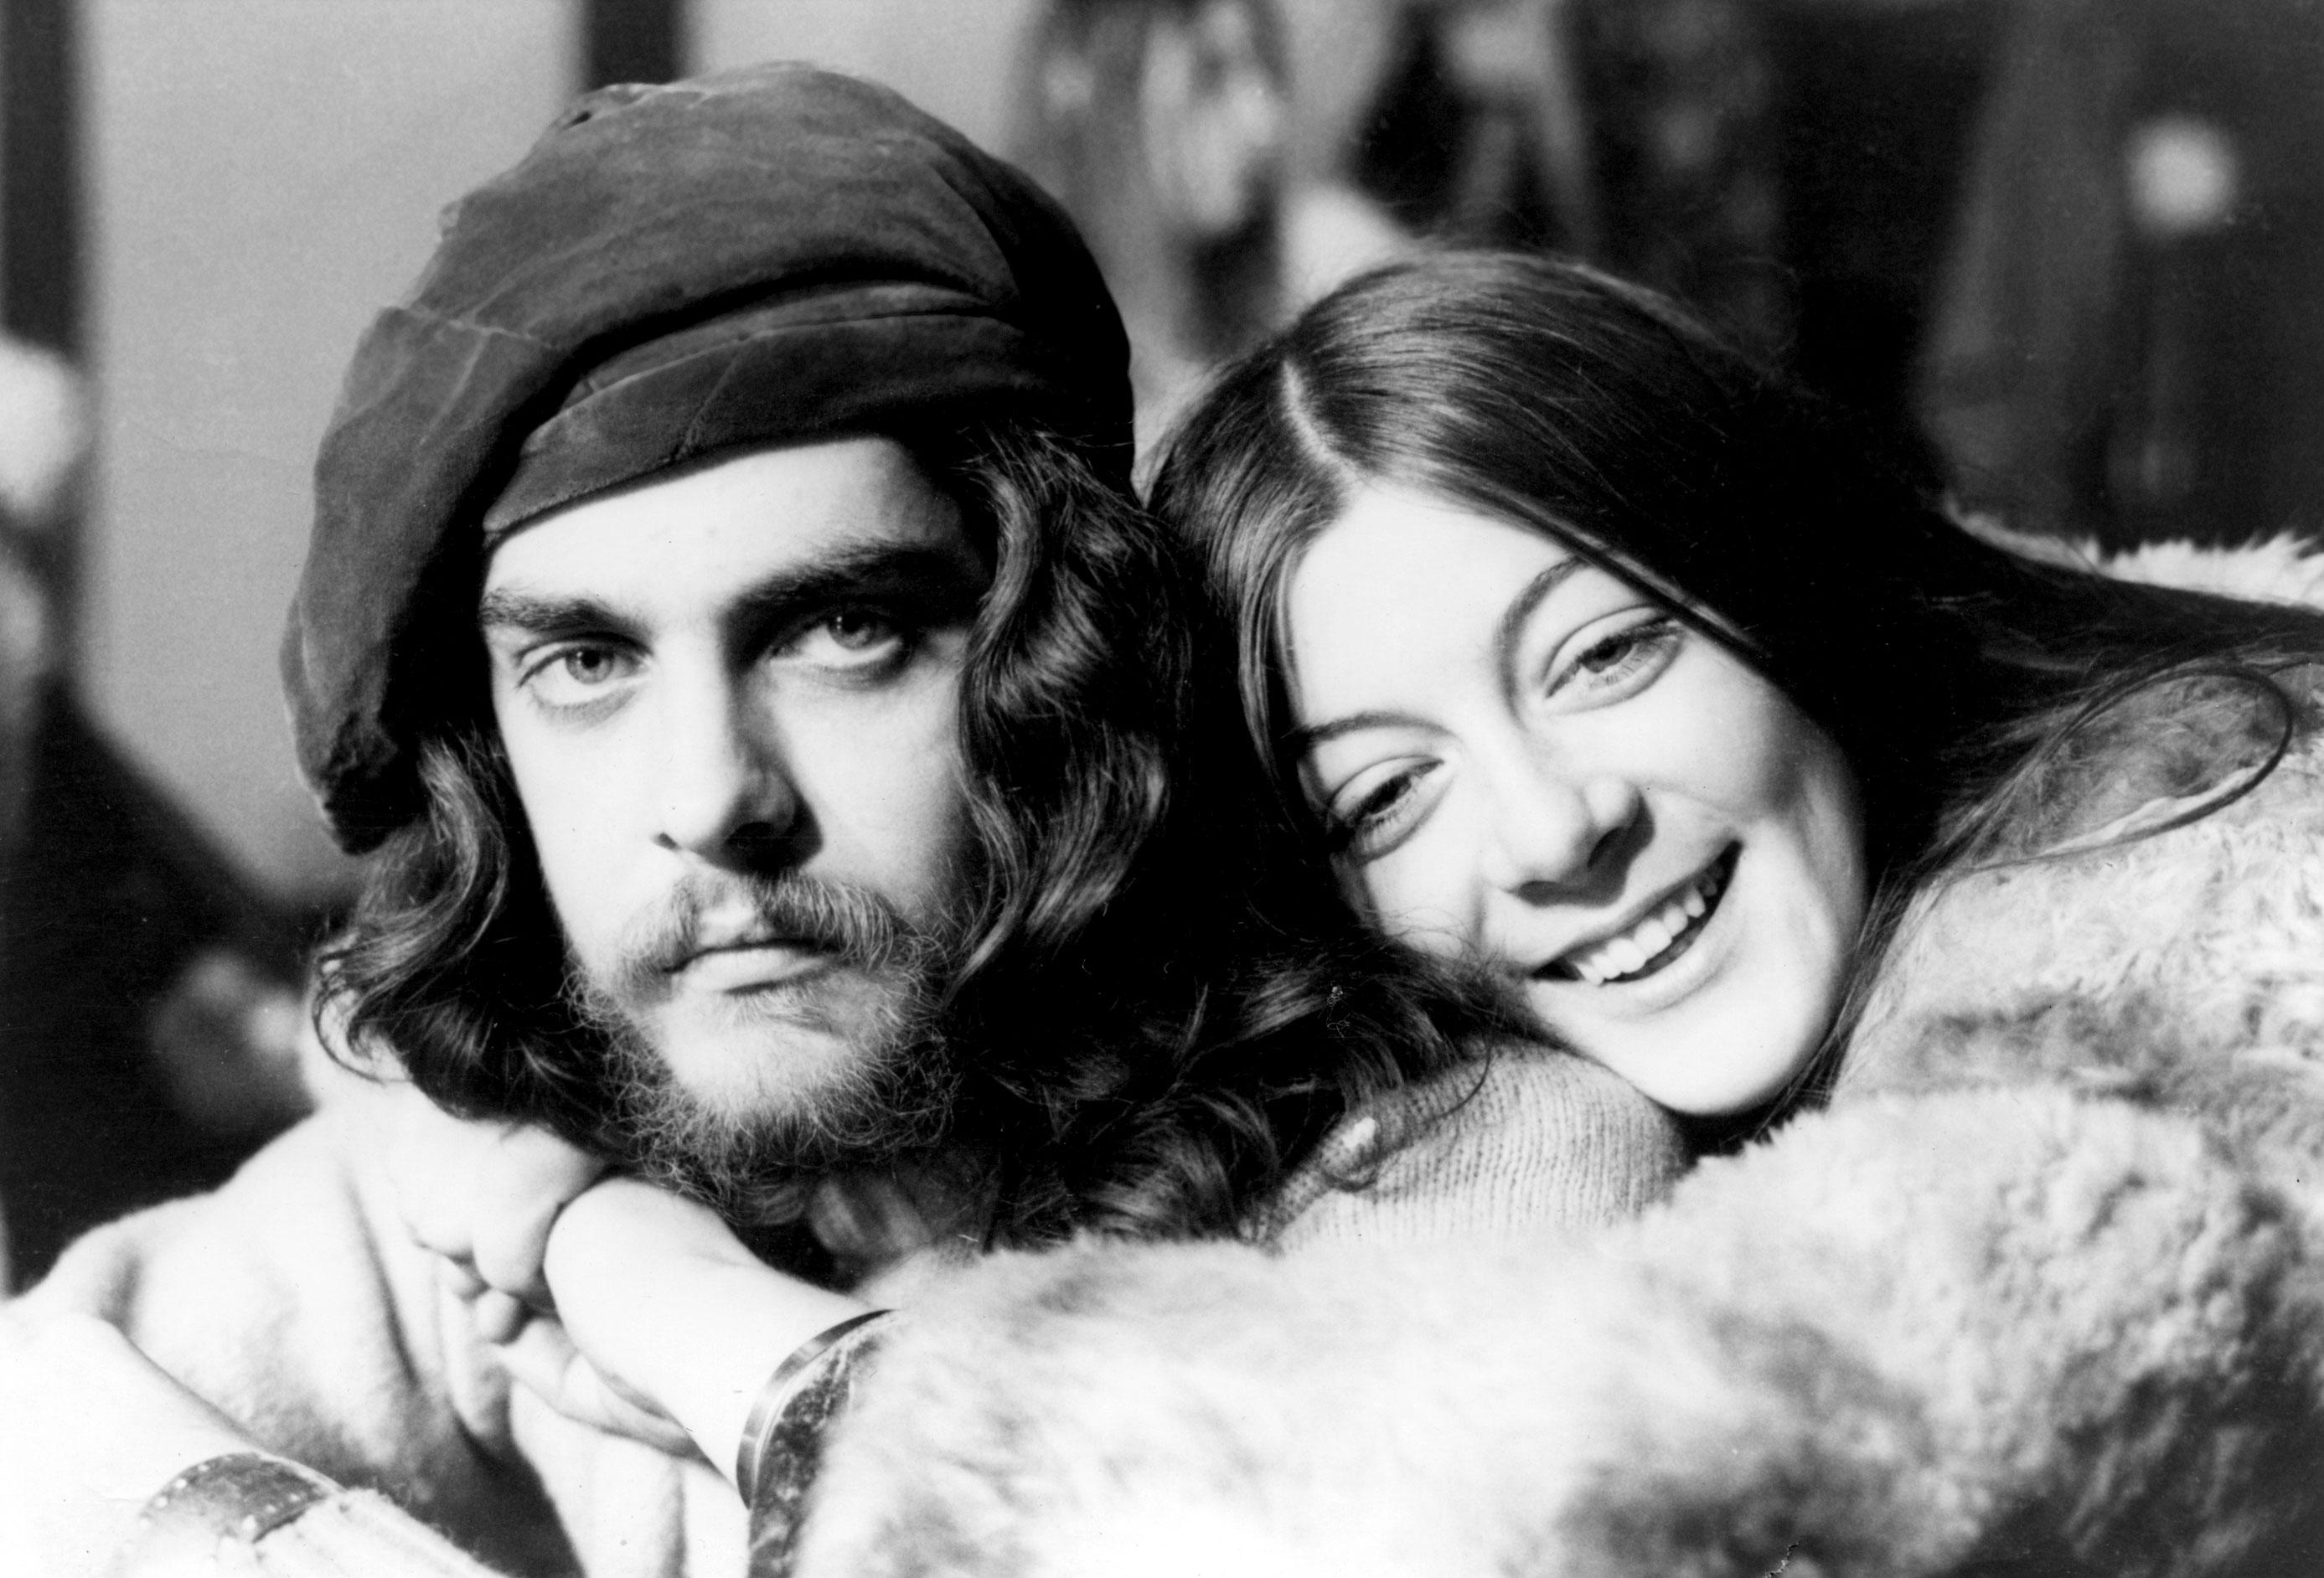 Cosey & Gen by John Krivine, 1969.